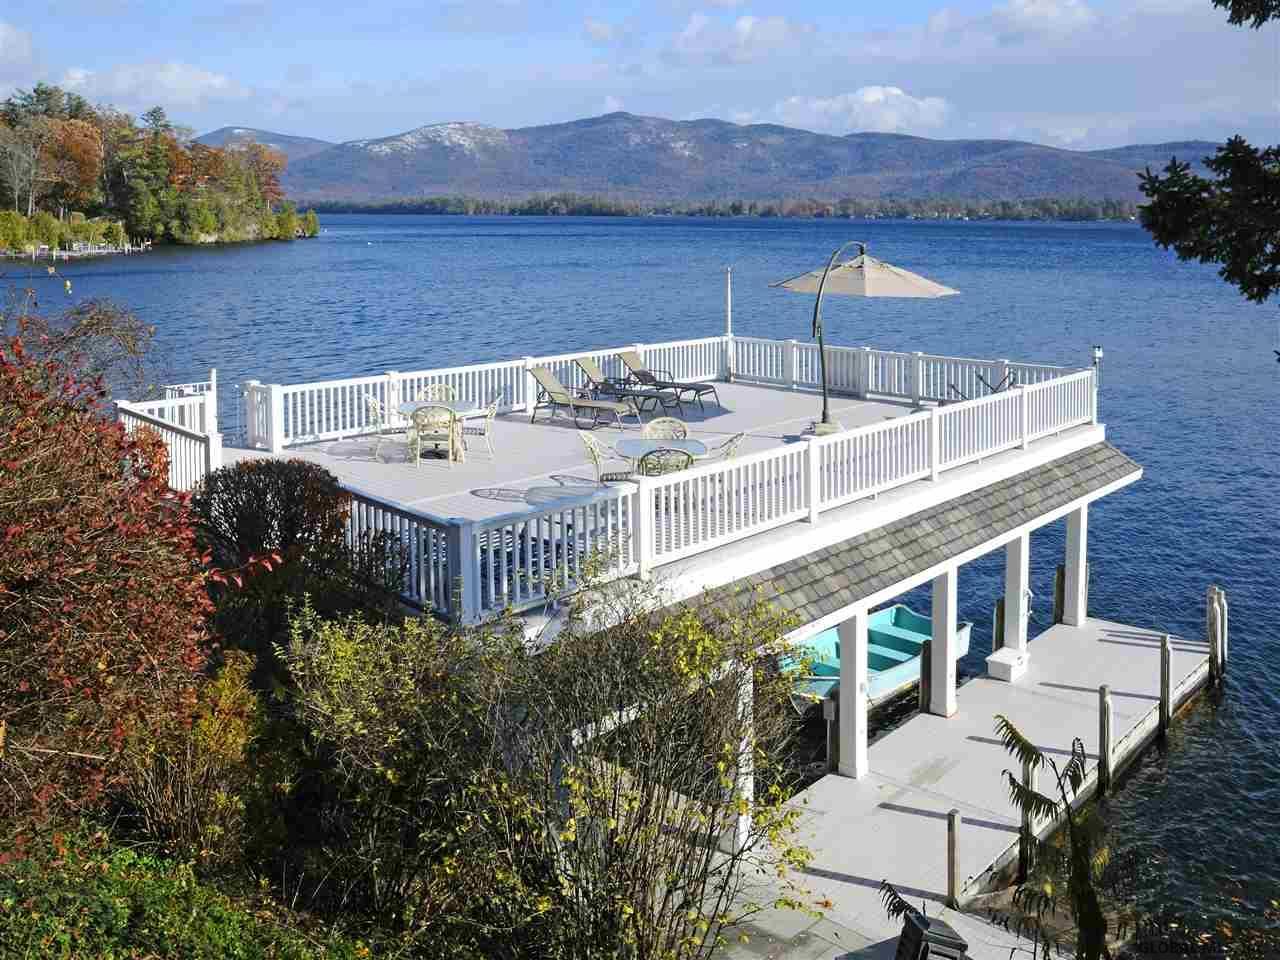 Lake Georg image 29